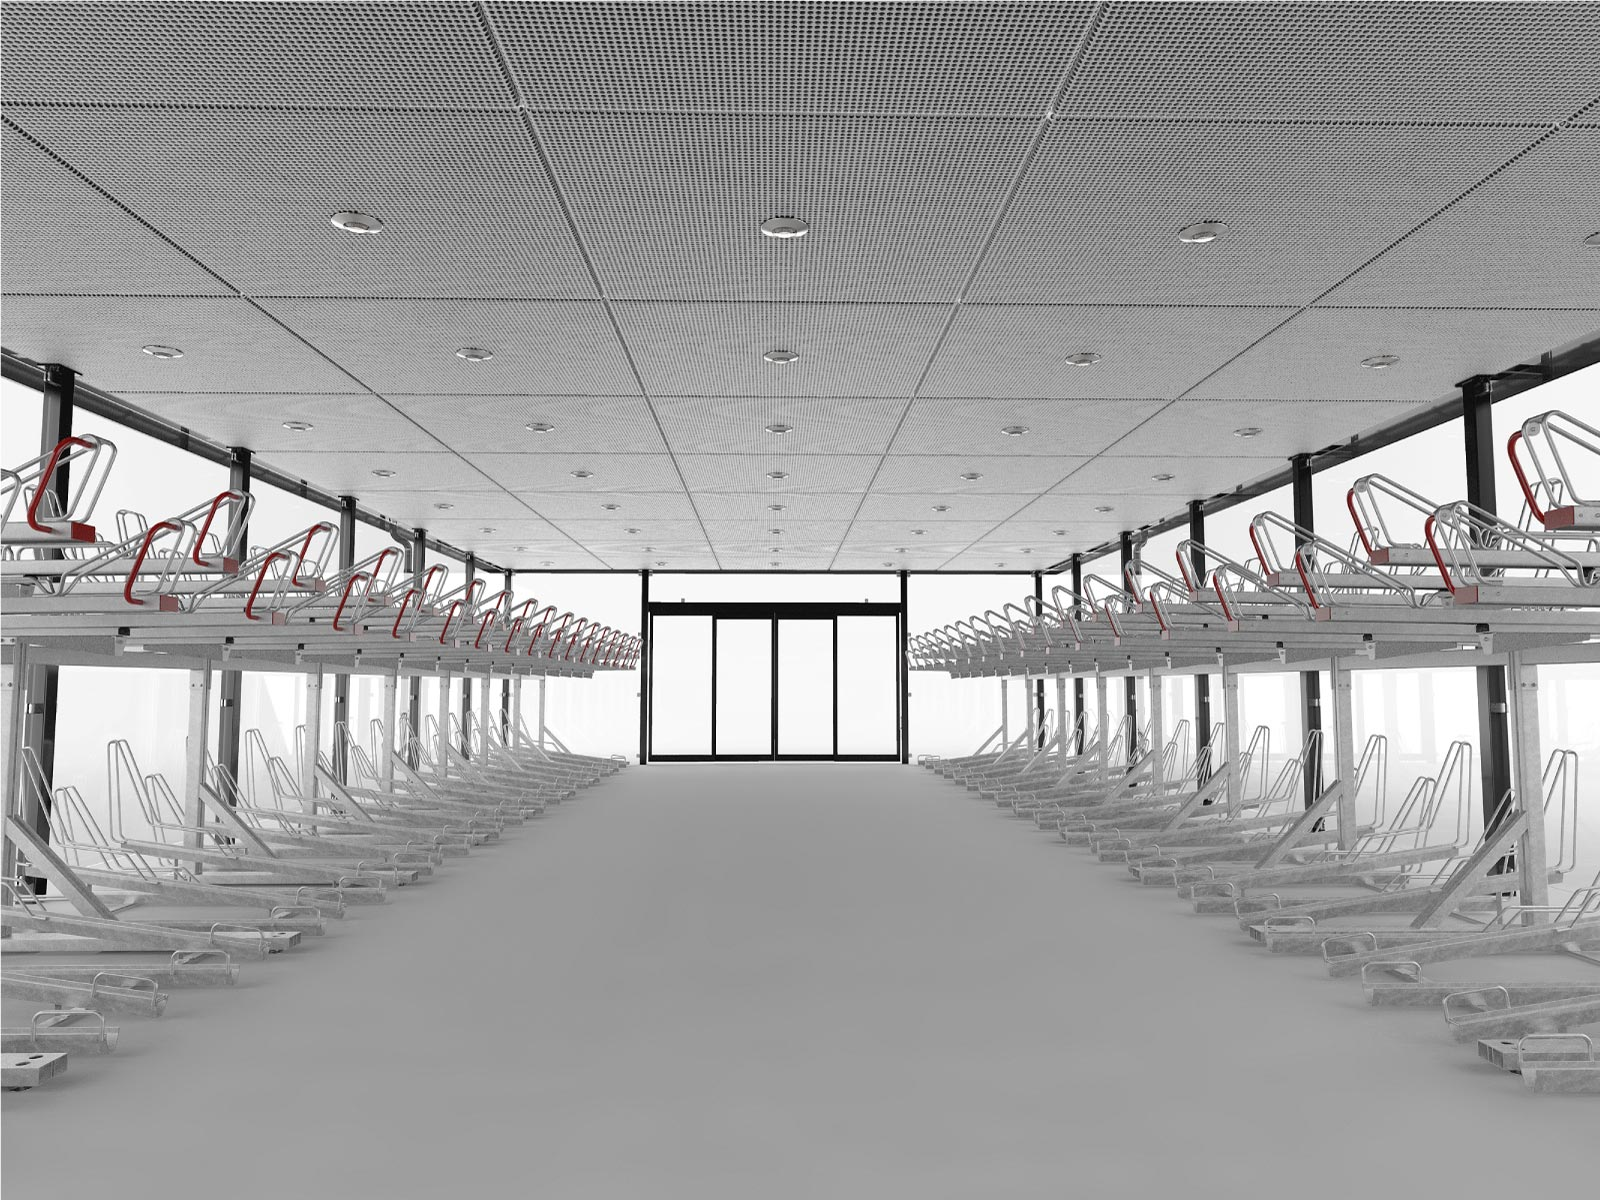 Inifrån-rendering av LINK cykelgarage för offentlig miljö med tvåvåningsställ OPTIMA